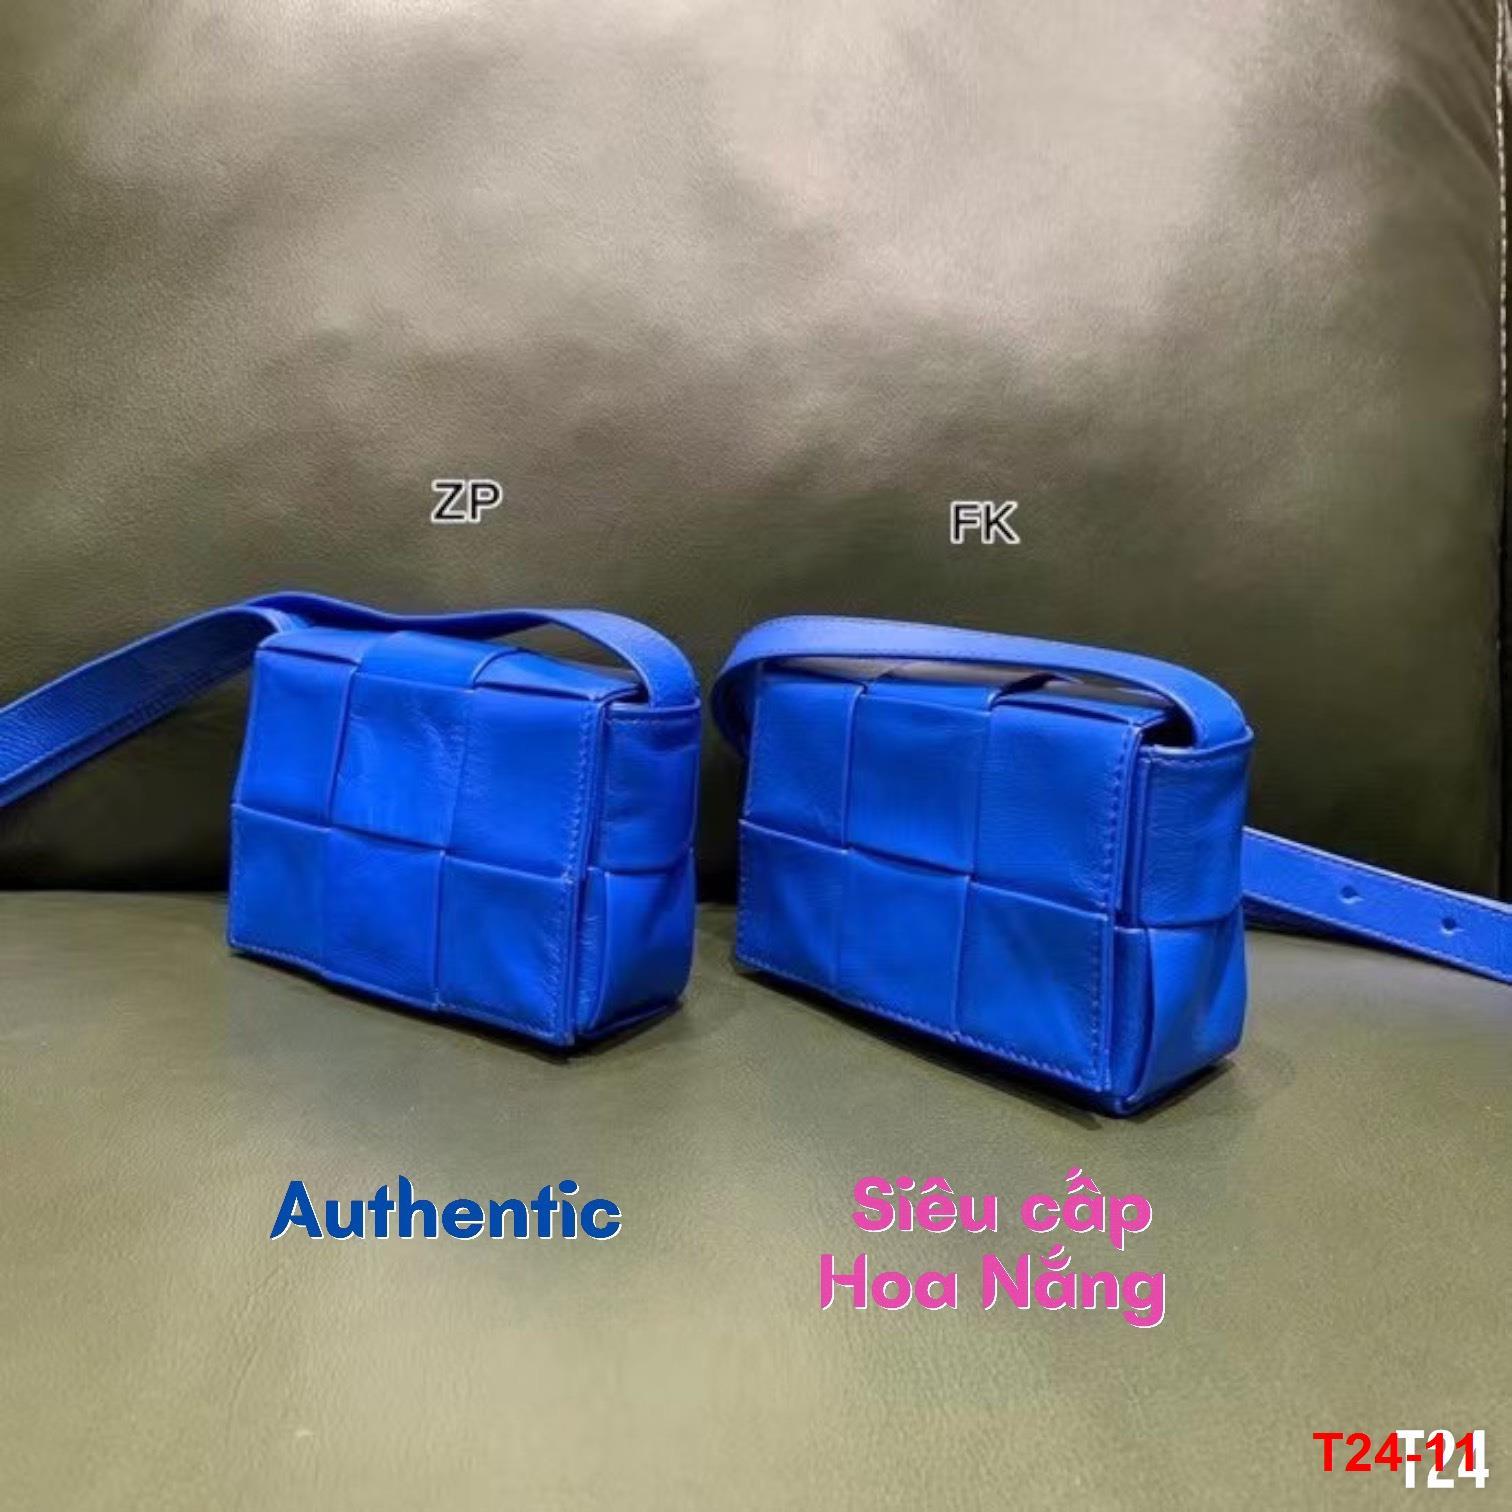 T24-11 Bottega Veneta túi size 12cm siêu cấp